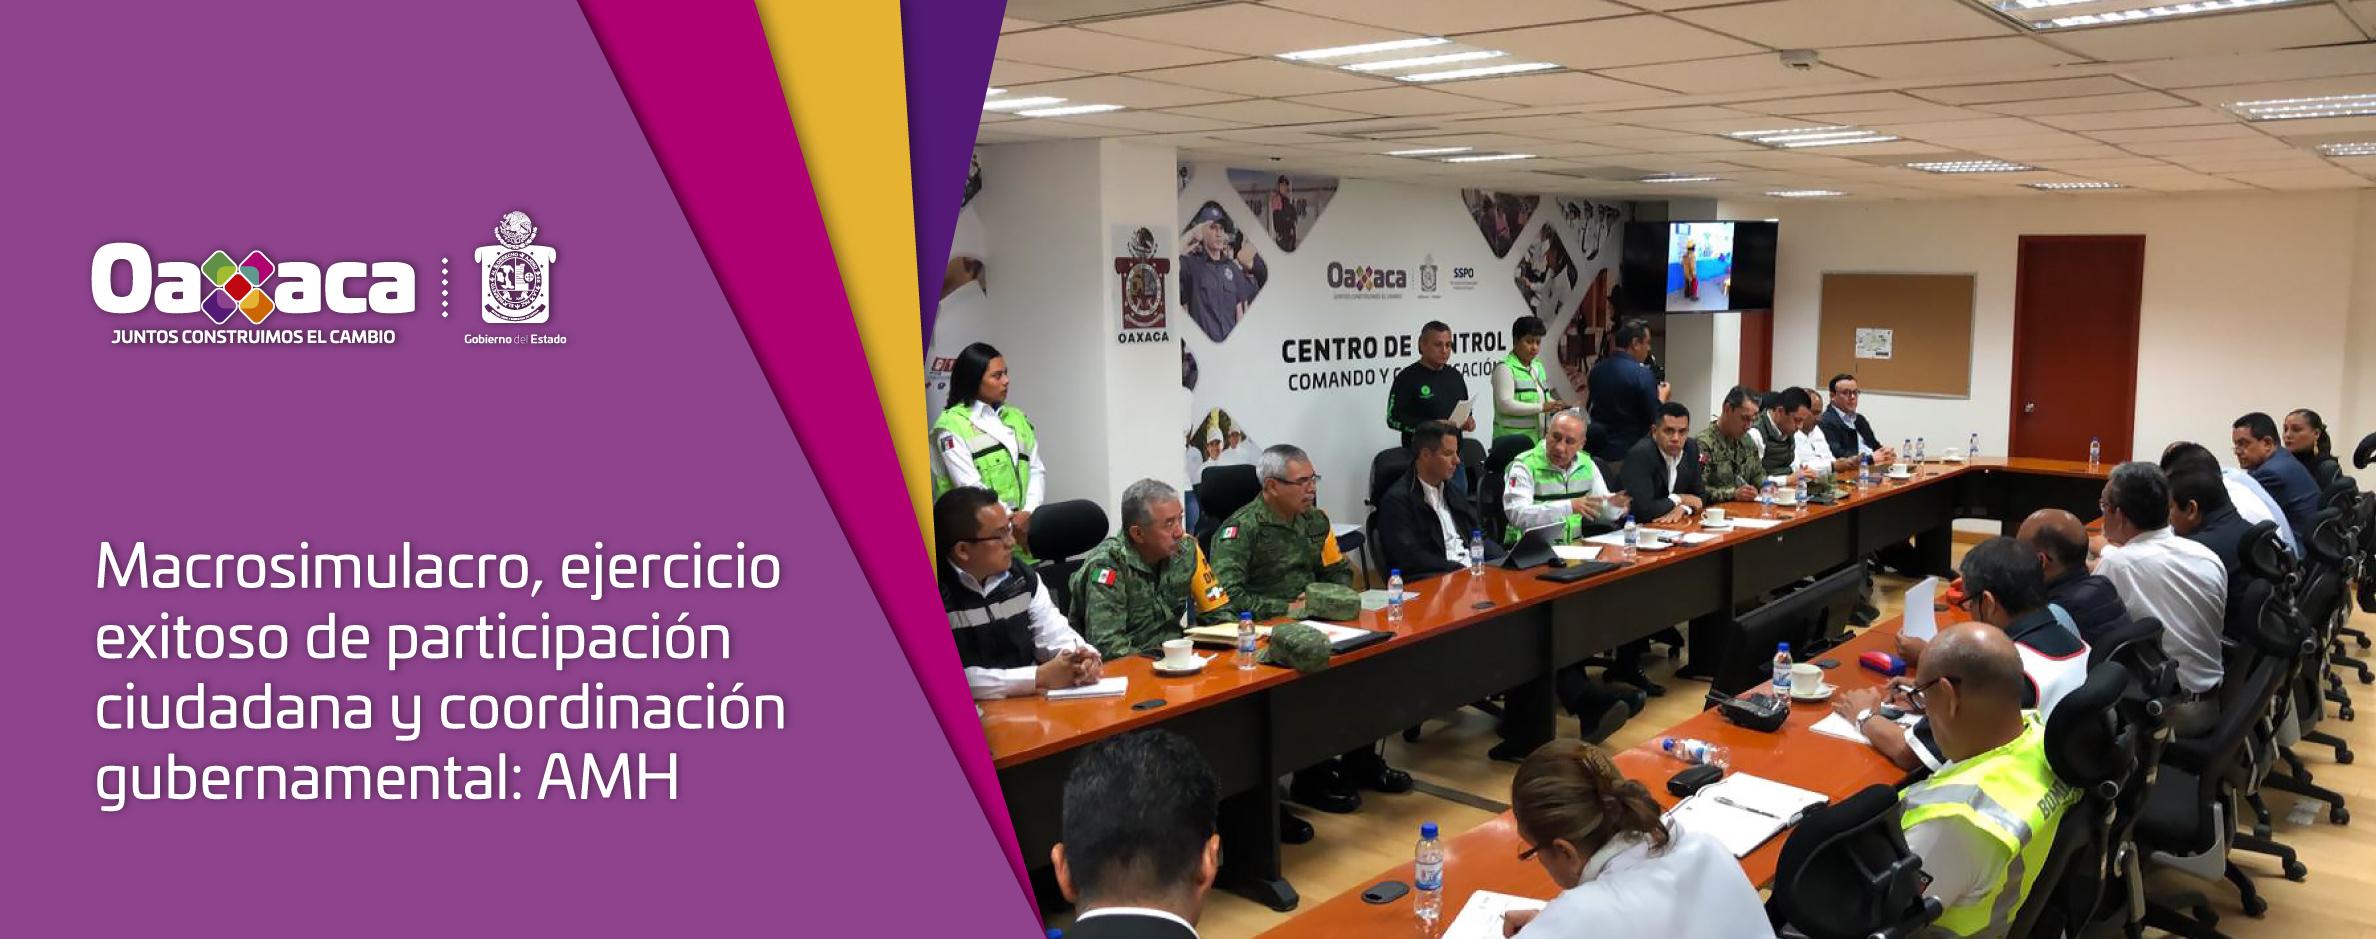 Macrosimulacro, ejercicio exitoso de participación ciudadana y coordinación gubernamental: AMH